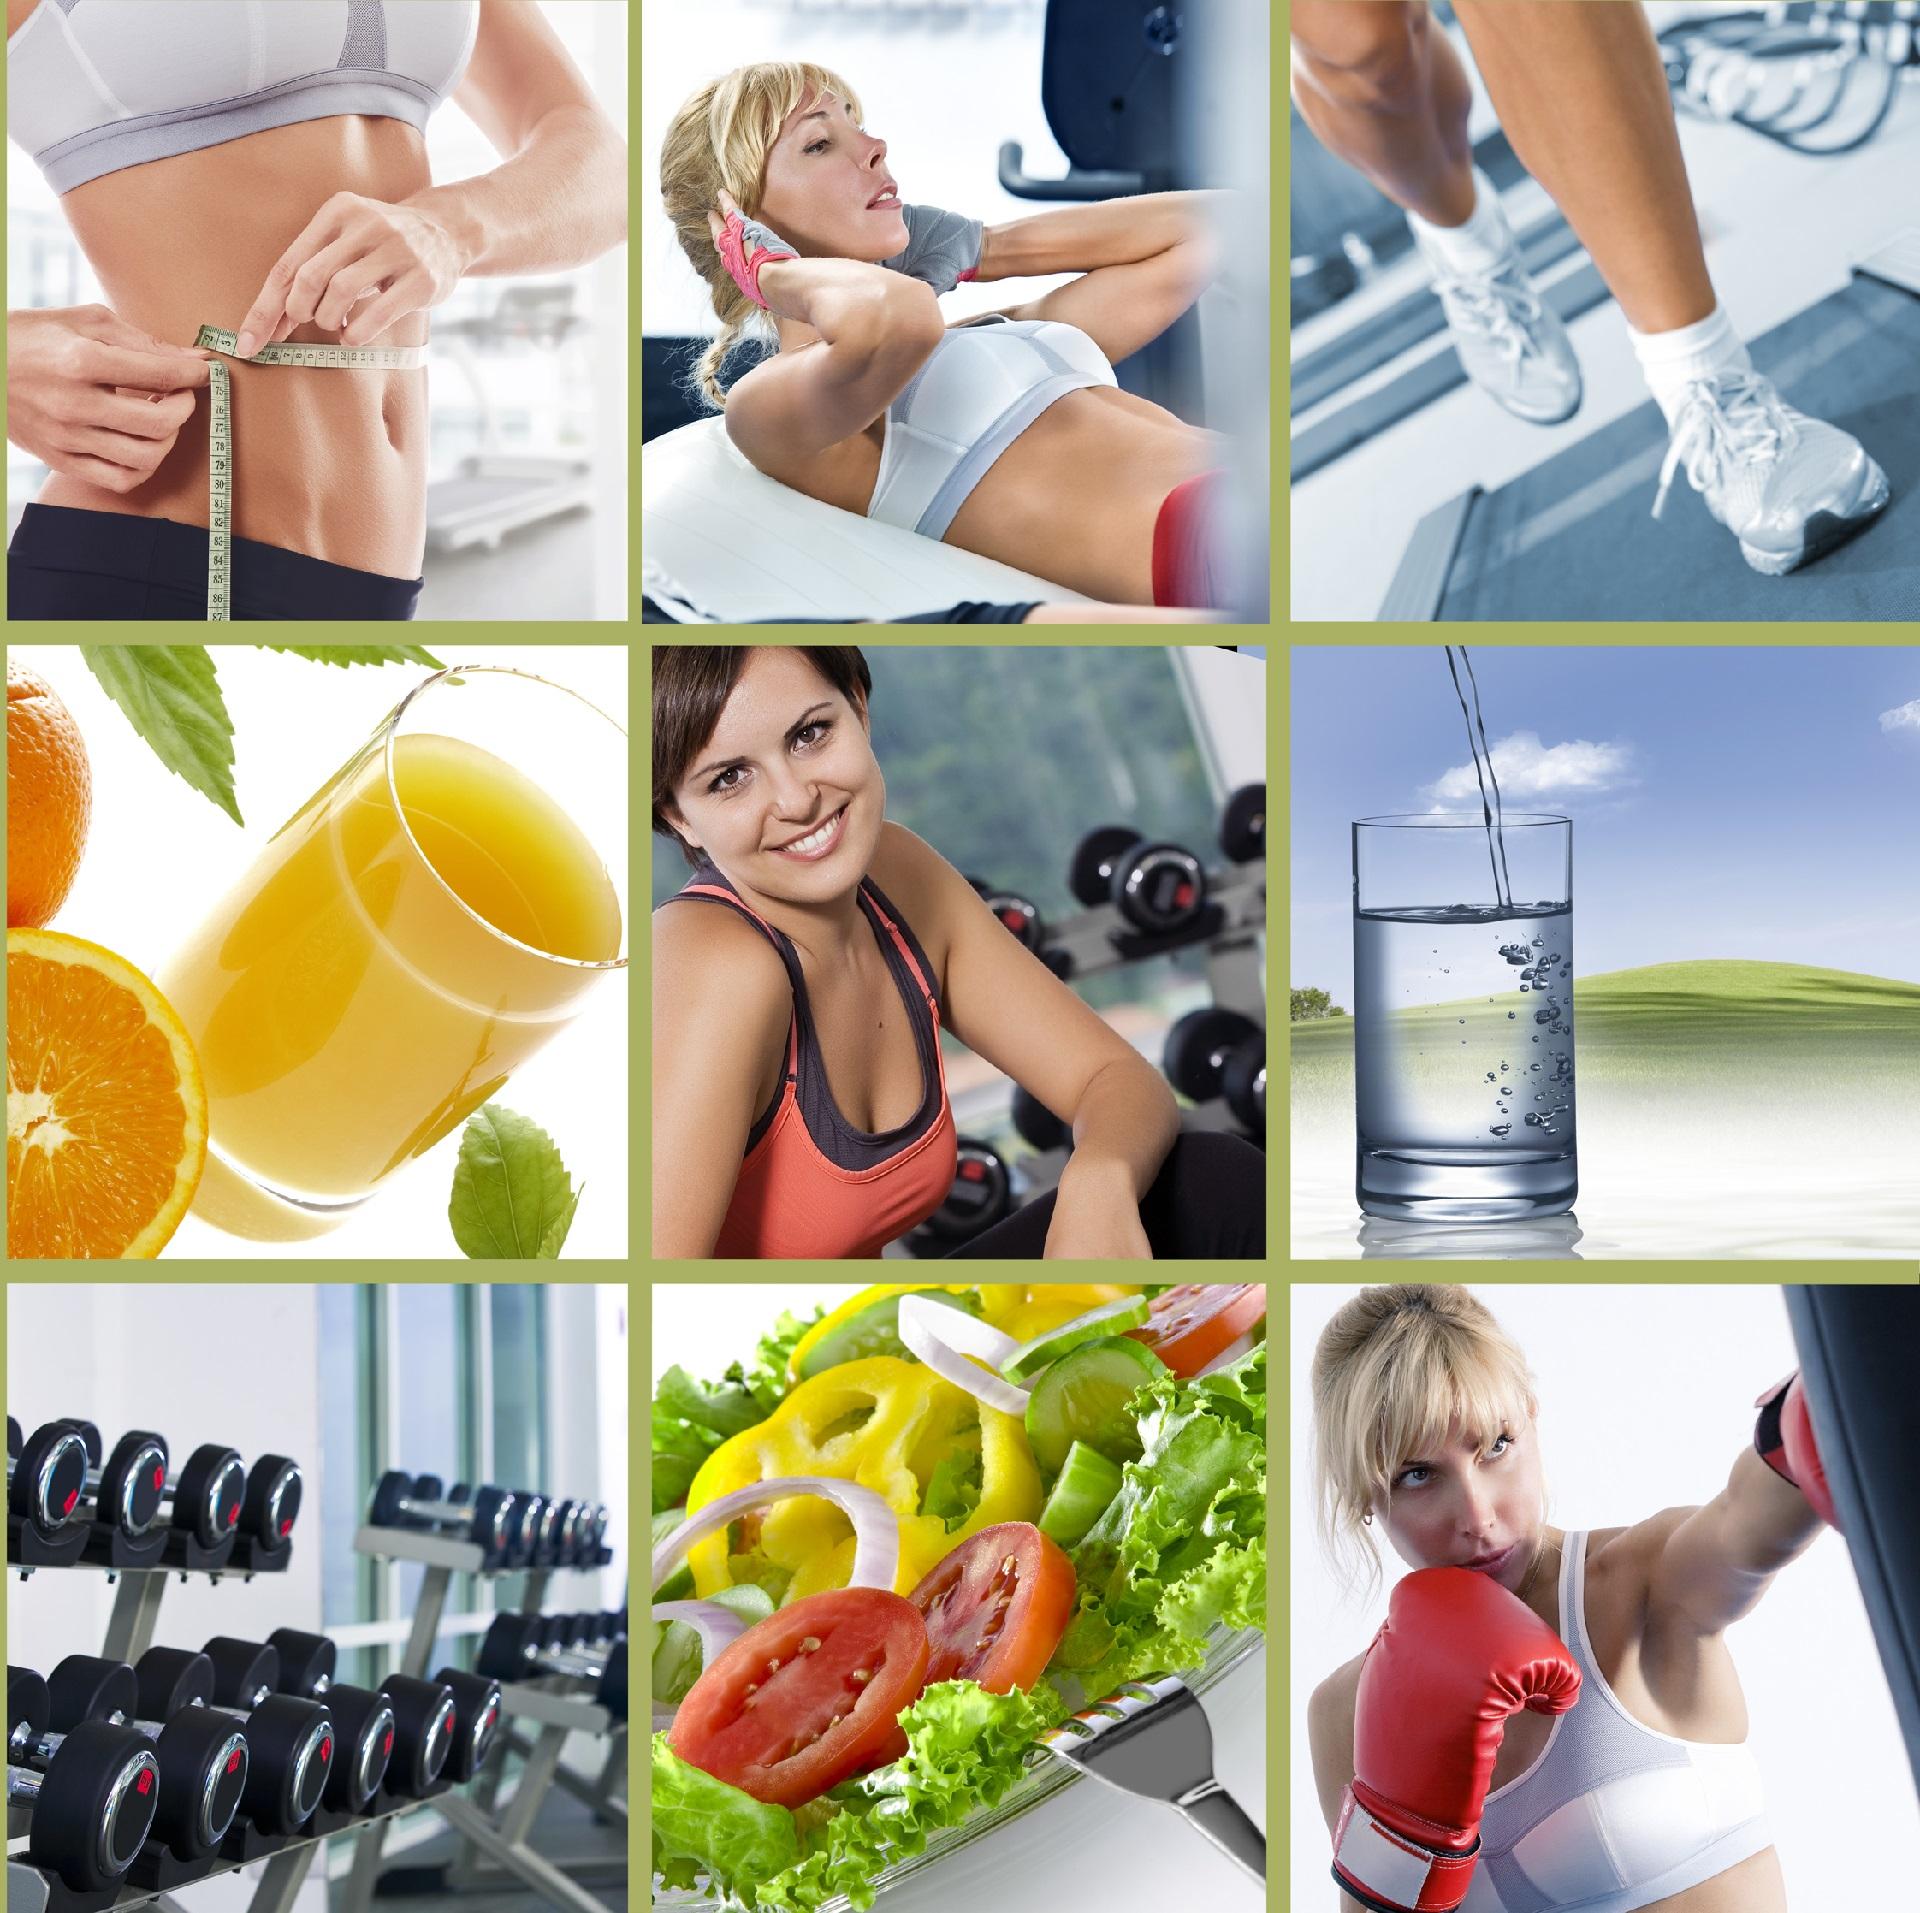 Диабет и спорт - польза или вред, спорт при сахарном диабете 2 типа